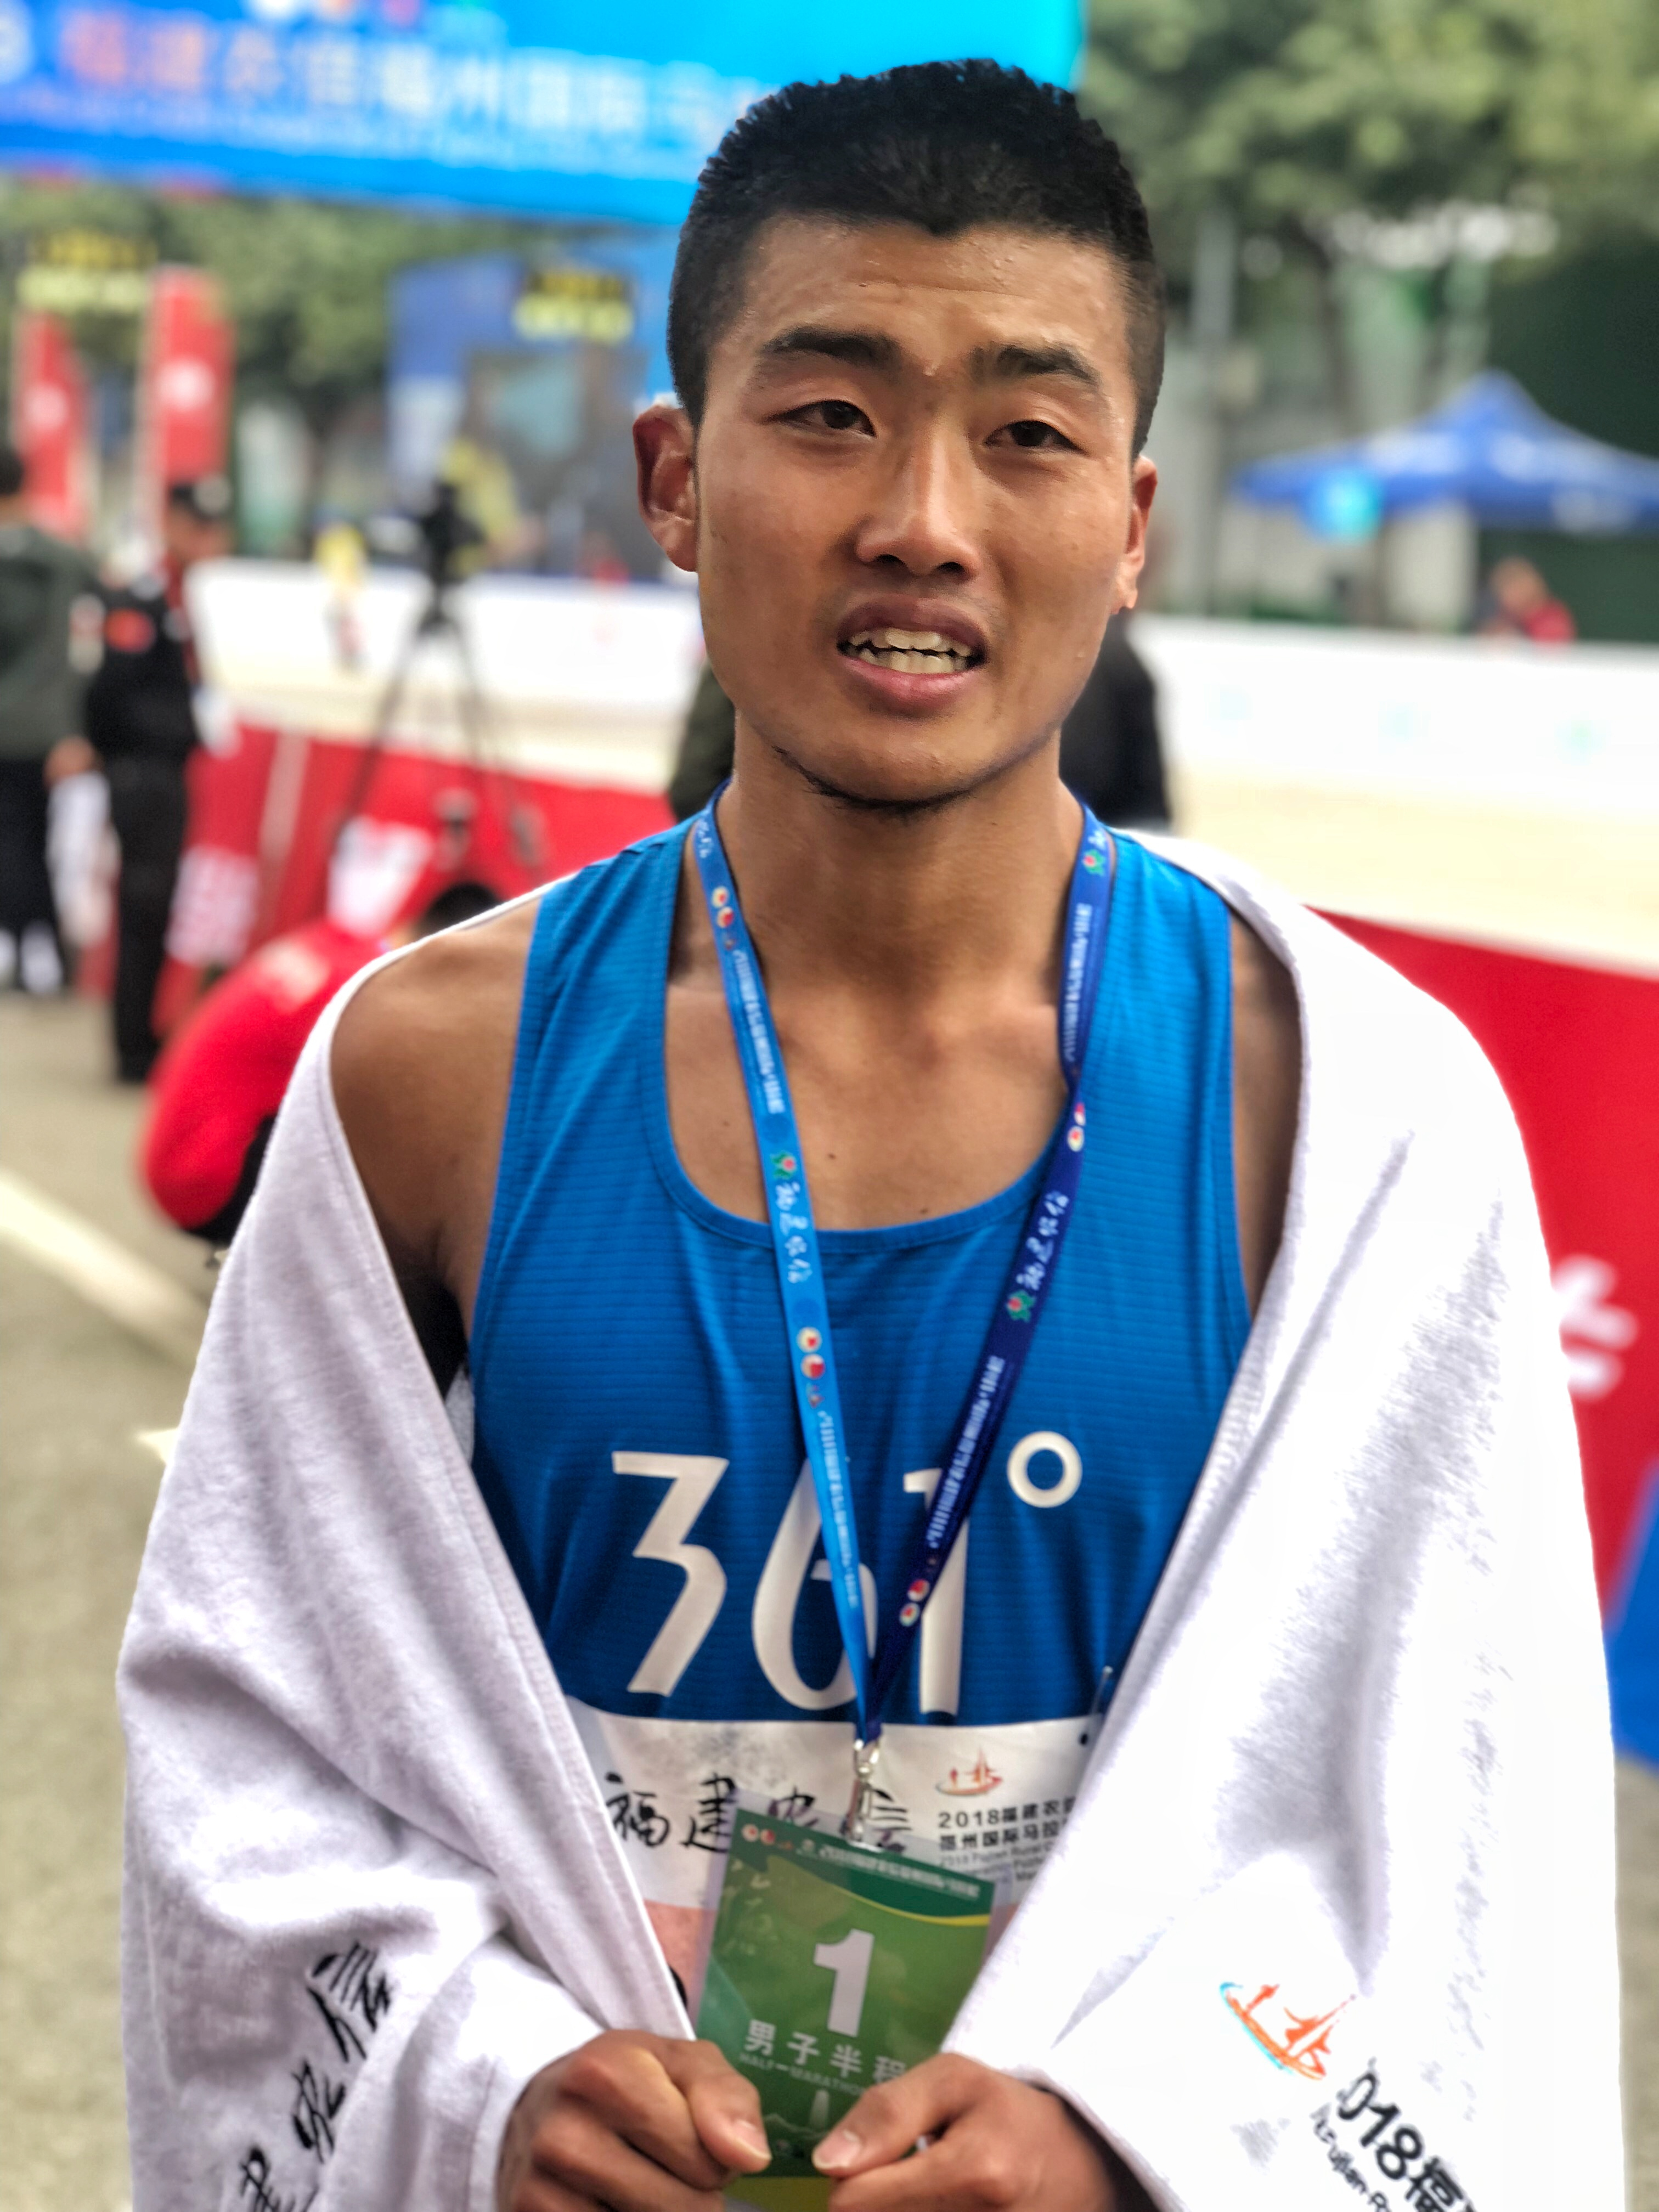 亚博:跑者声音|钱鼎彬-福州马拉松夺冠是最好的回报